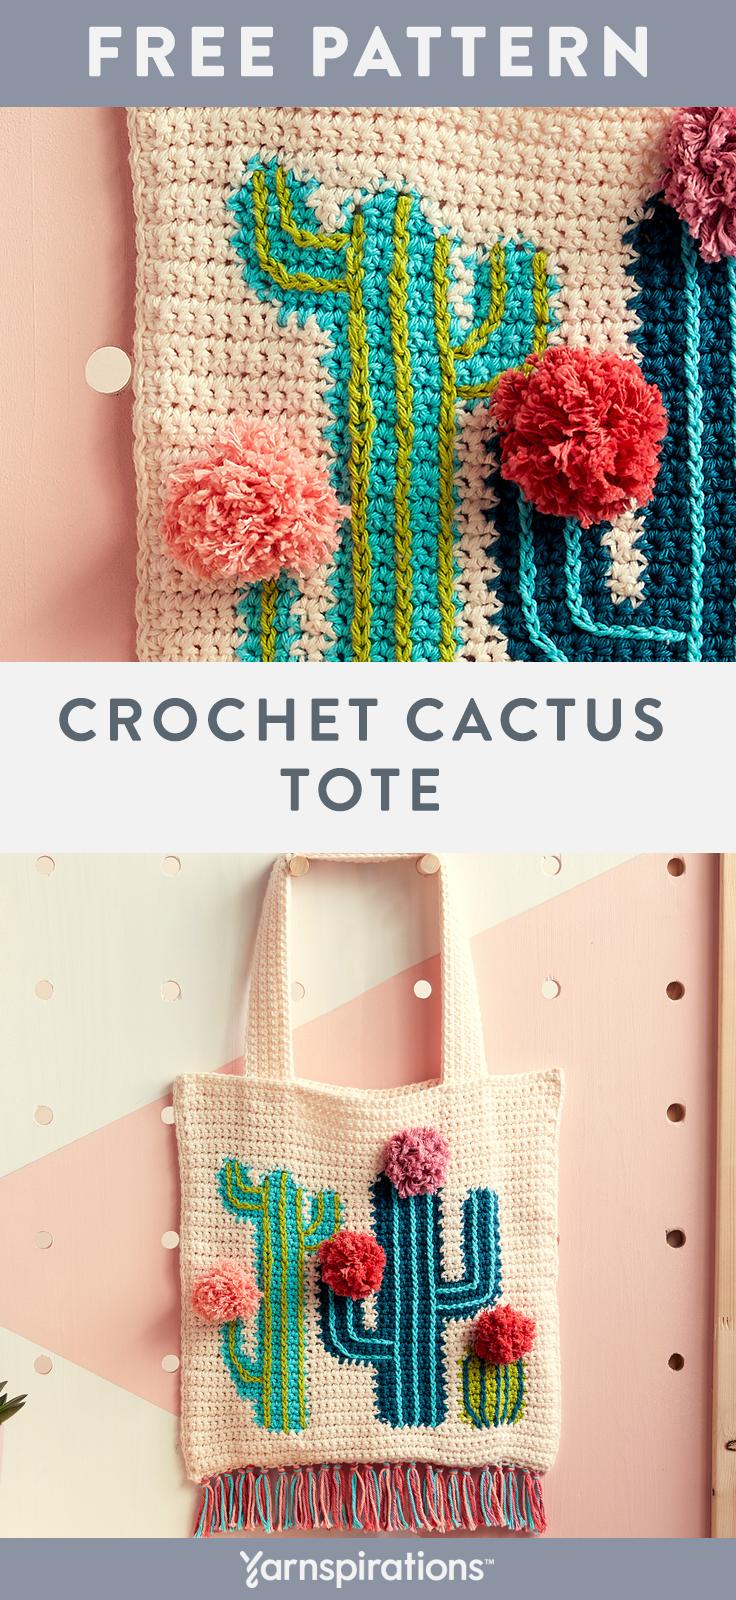 cactus amigurumi patron gratis terrario cactus ganchillo crochet ... | 1600x736